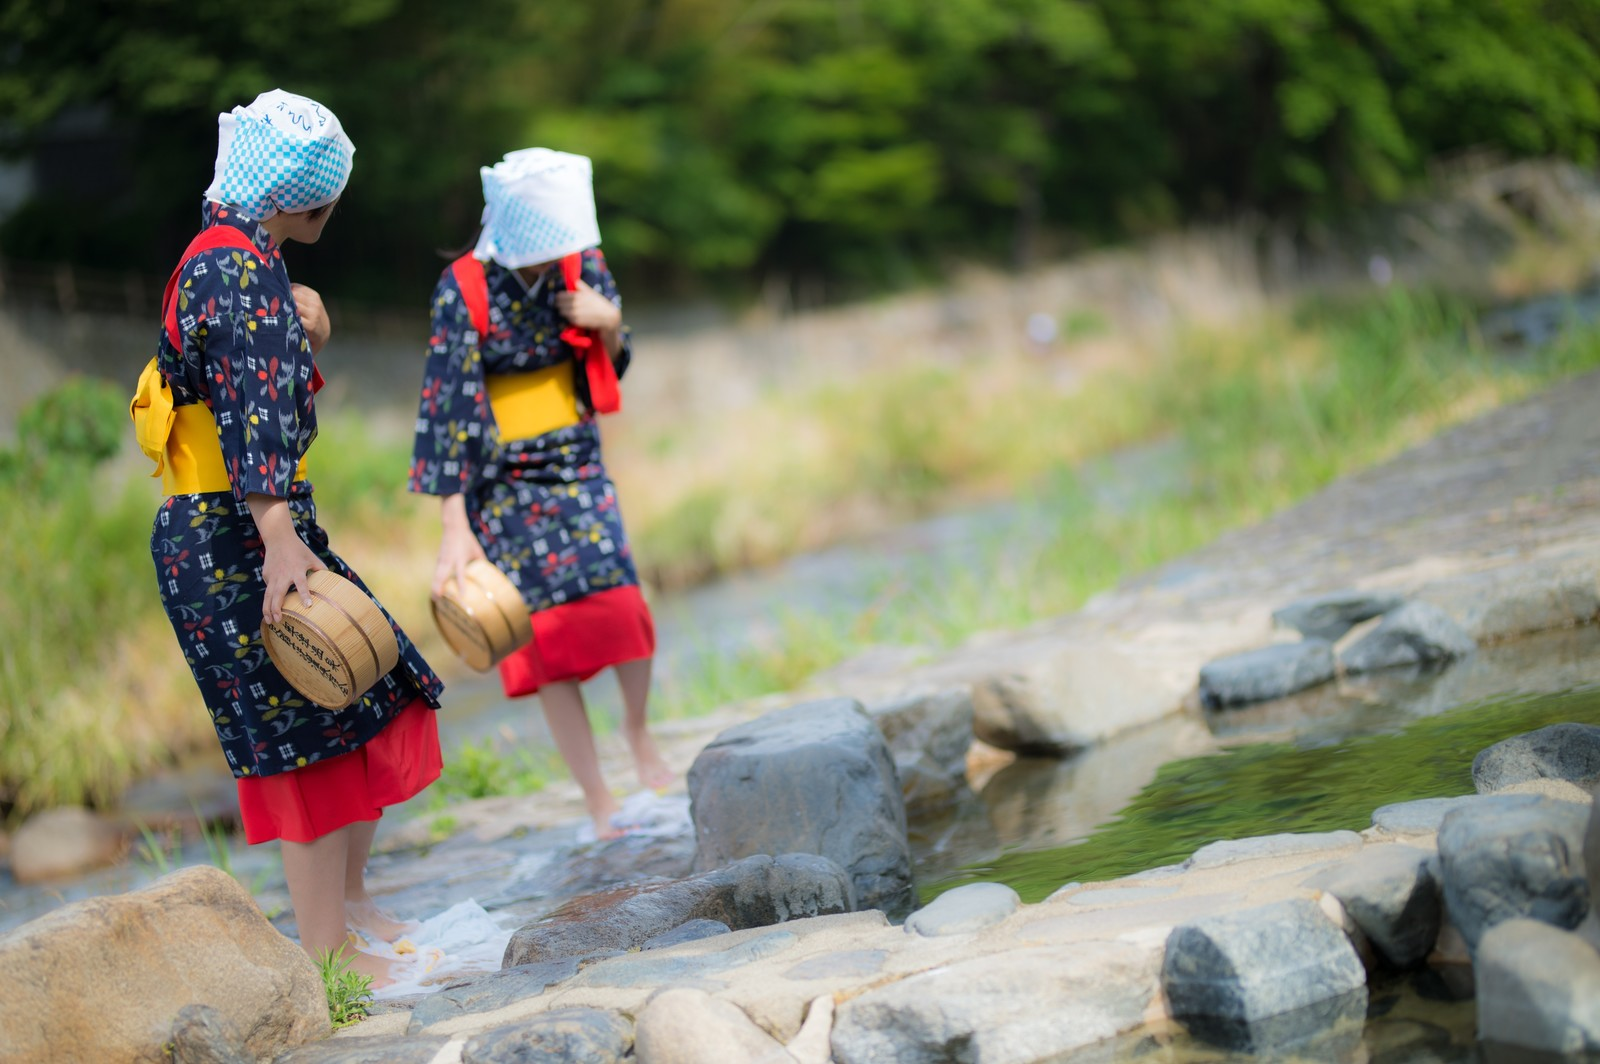 「赤い腰巻きと黄色い帯をつけた姉さんがフミフミ洗濯(足踏み洗濯)」の写真